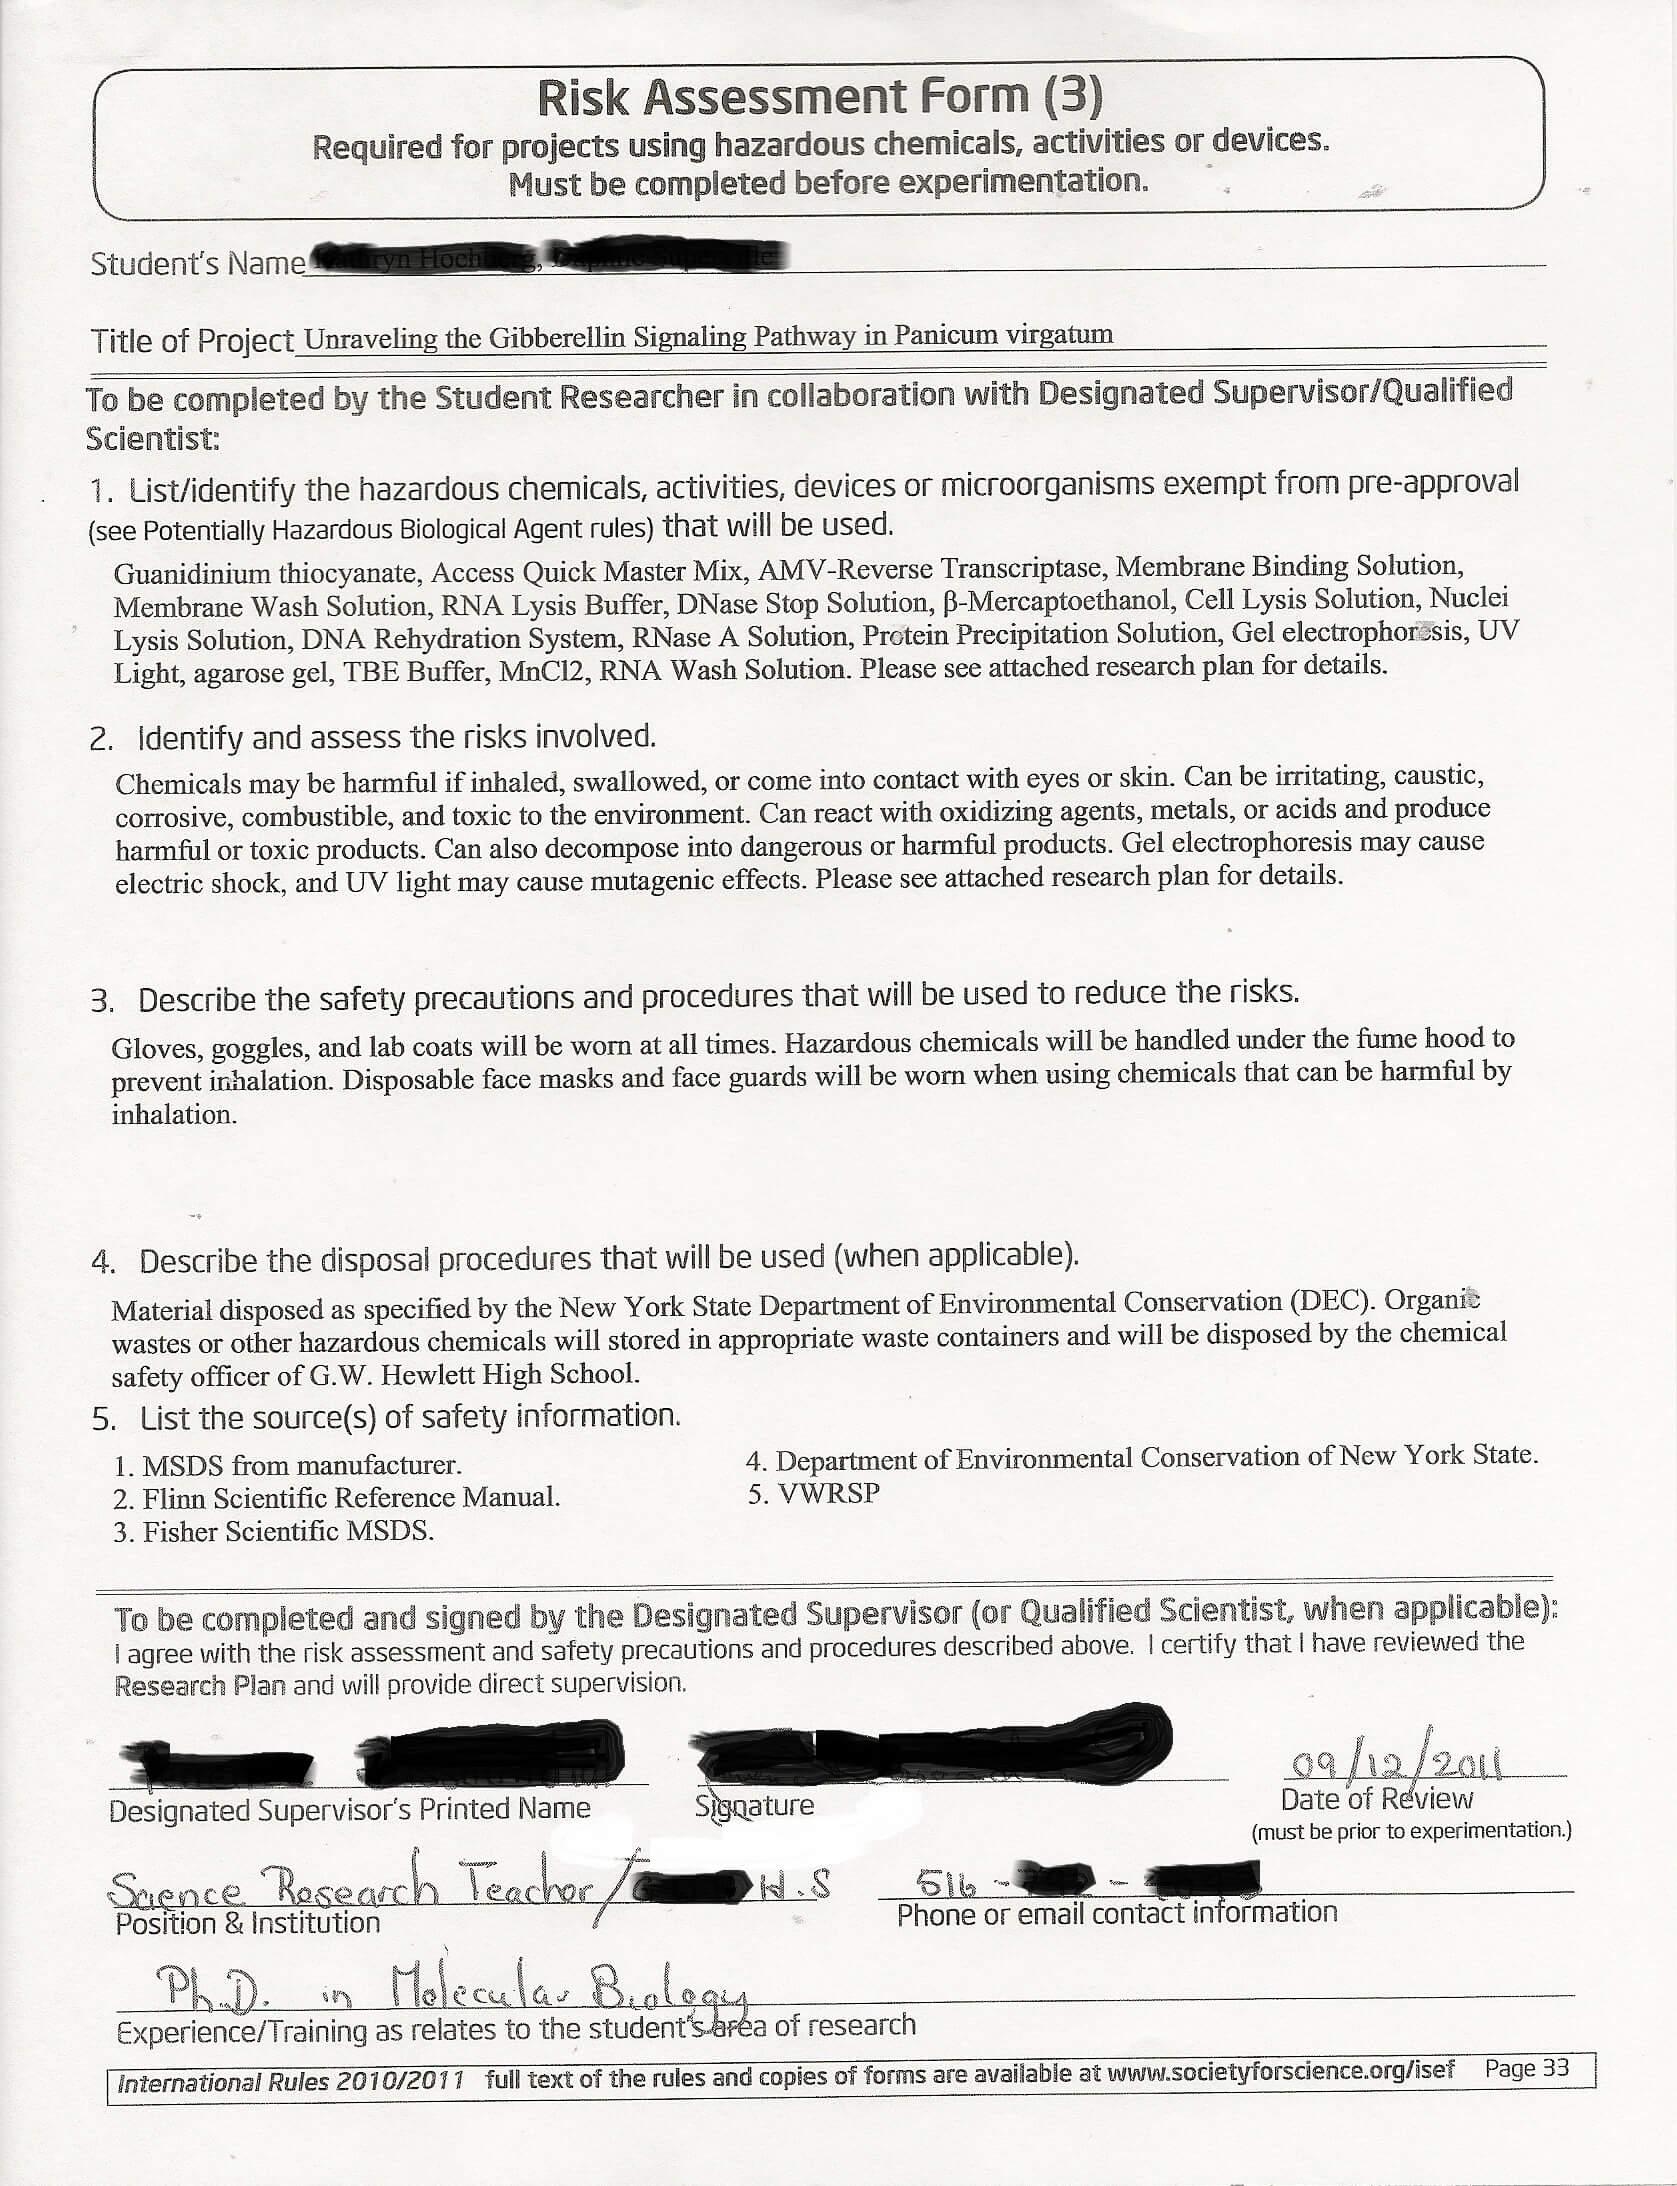 Form 3 – Risk Assessment Form (Sample) – Important